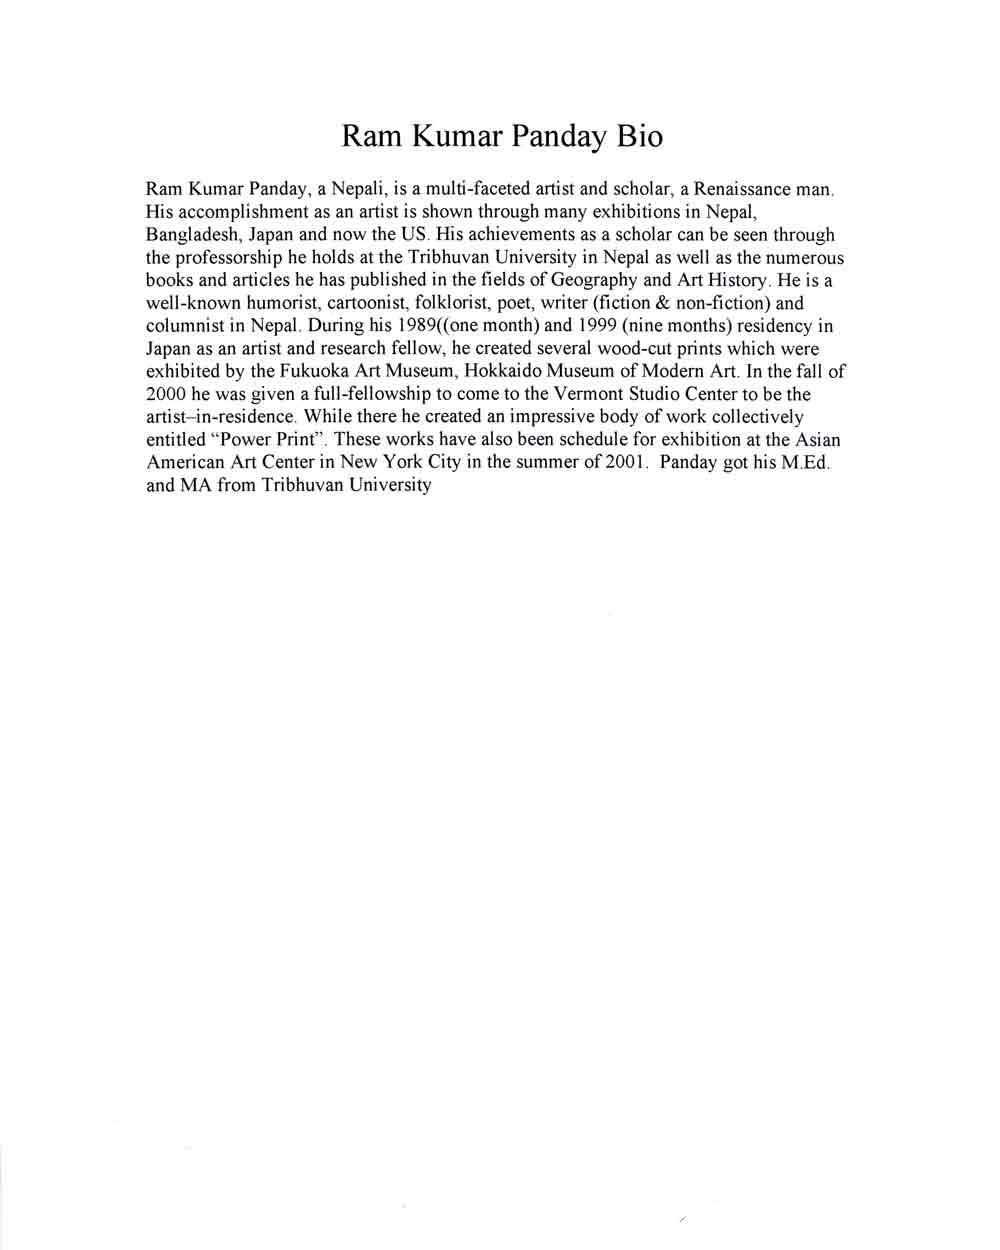 Ram Kumar Panday's Biography